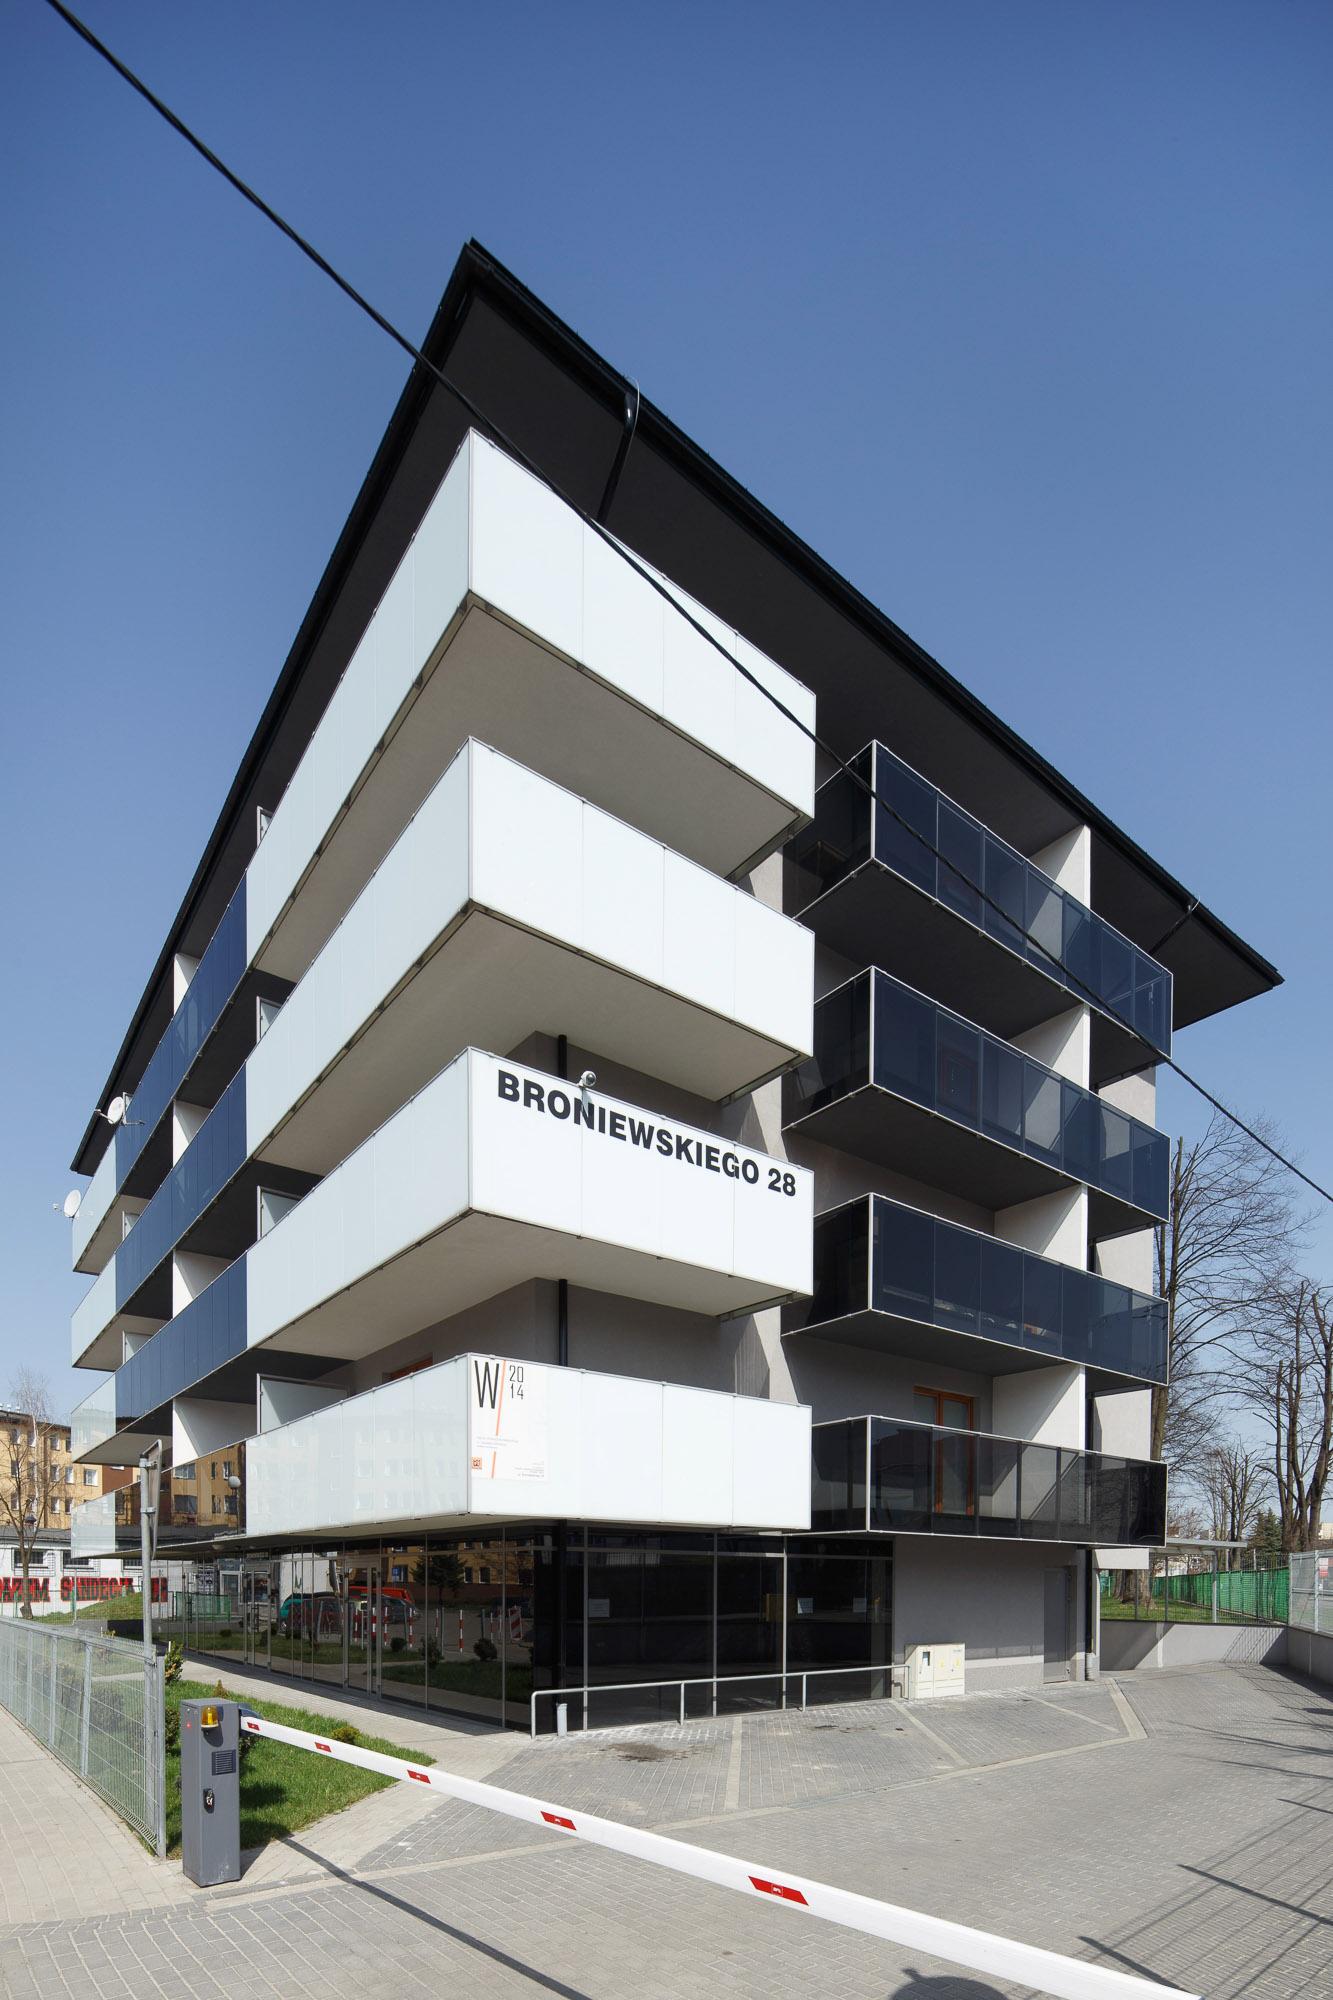 Budynek mieszkalno-usługowy, ul. Broniewskiego 28, Nowy Sącz